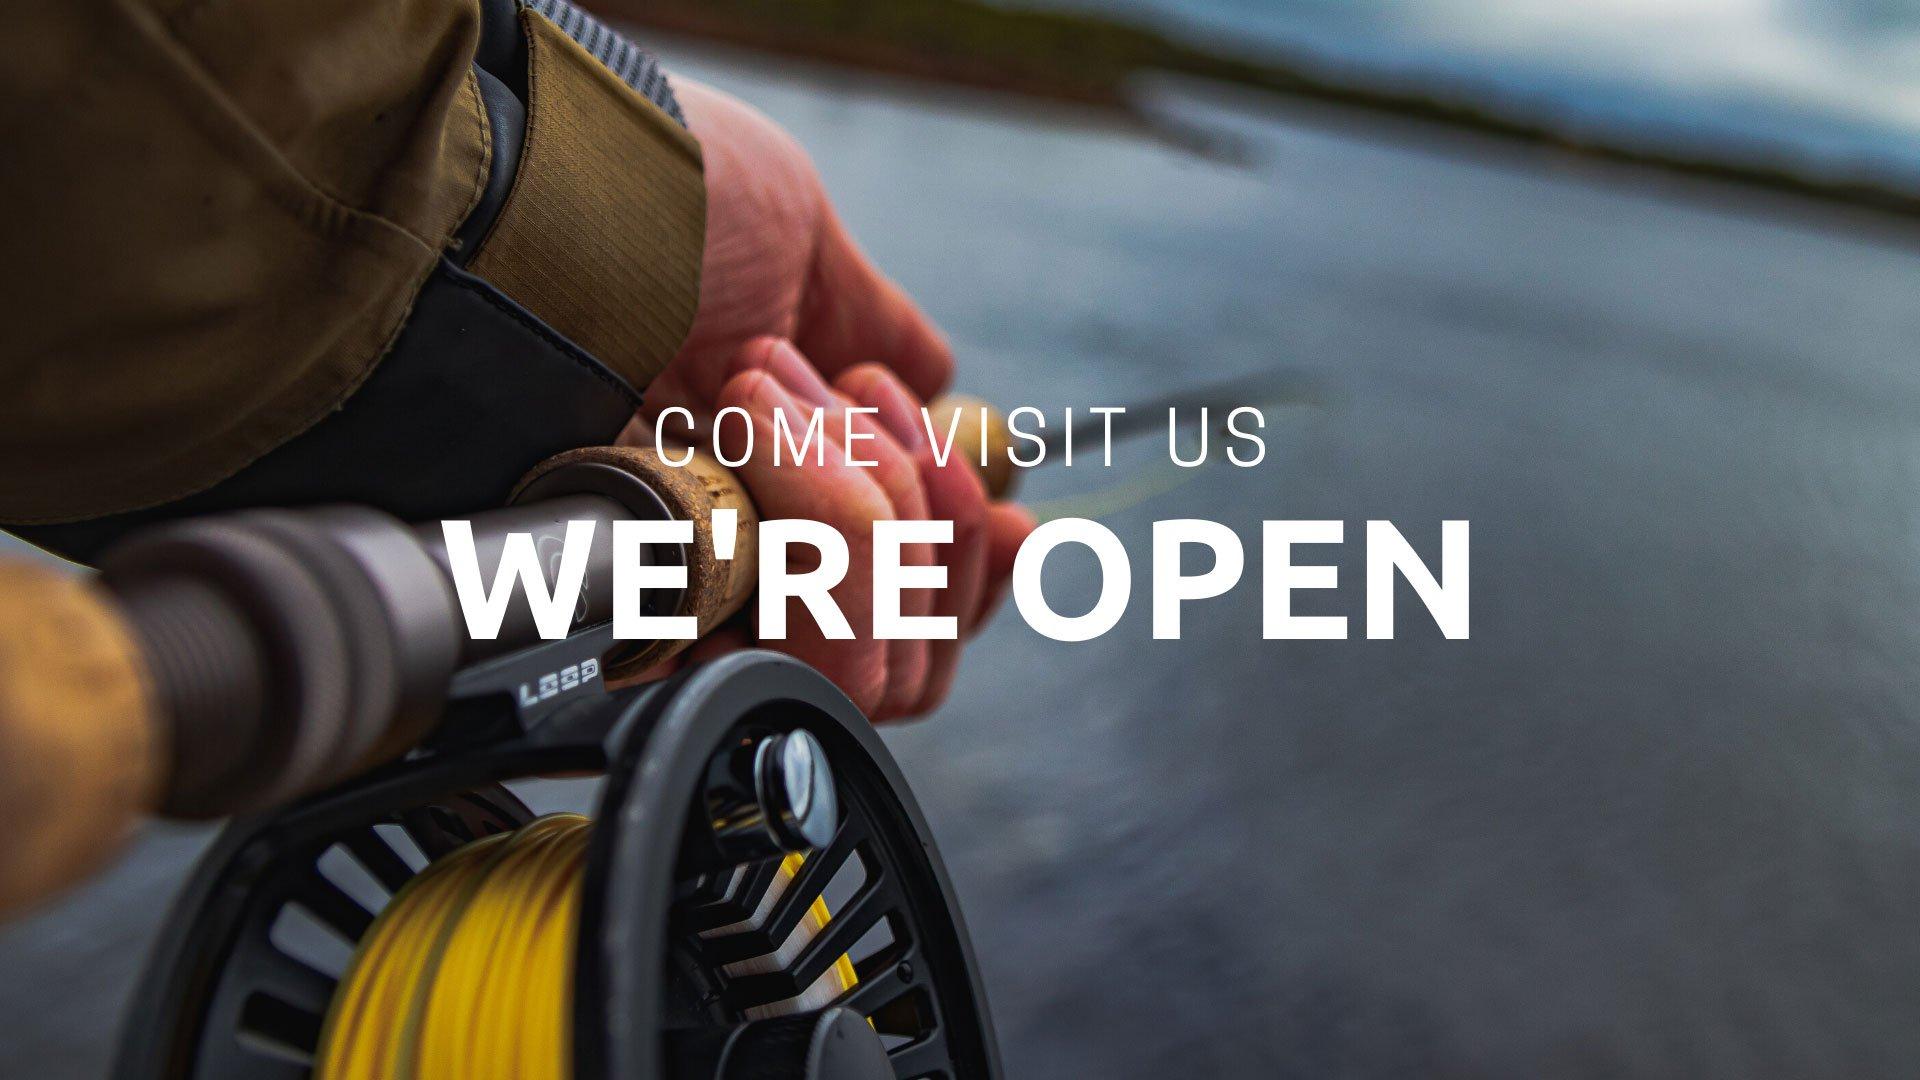 Come Visit Us We're Open